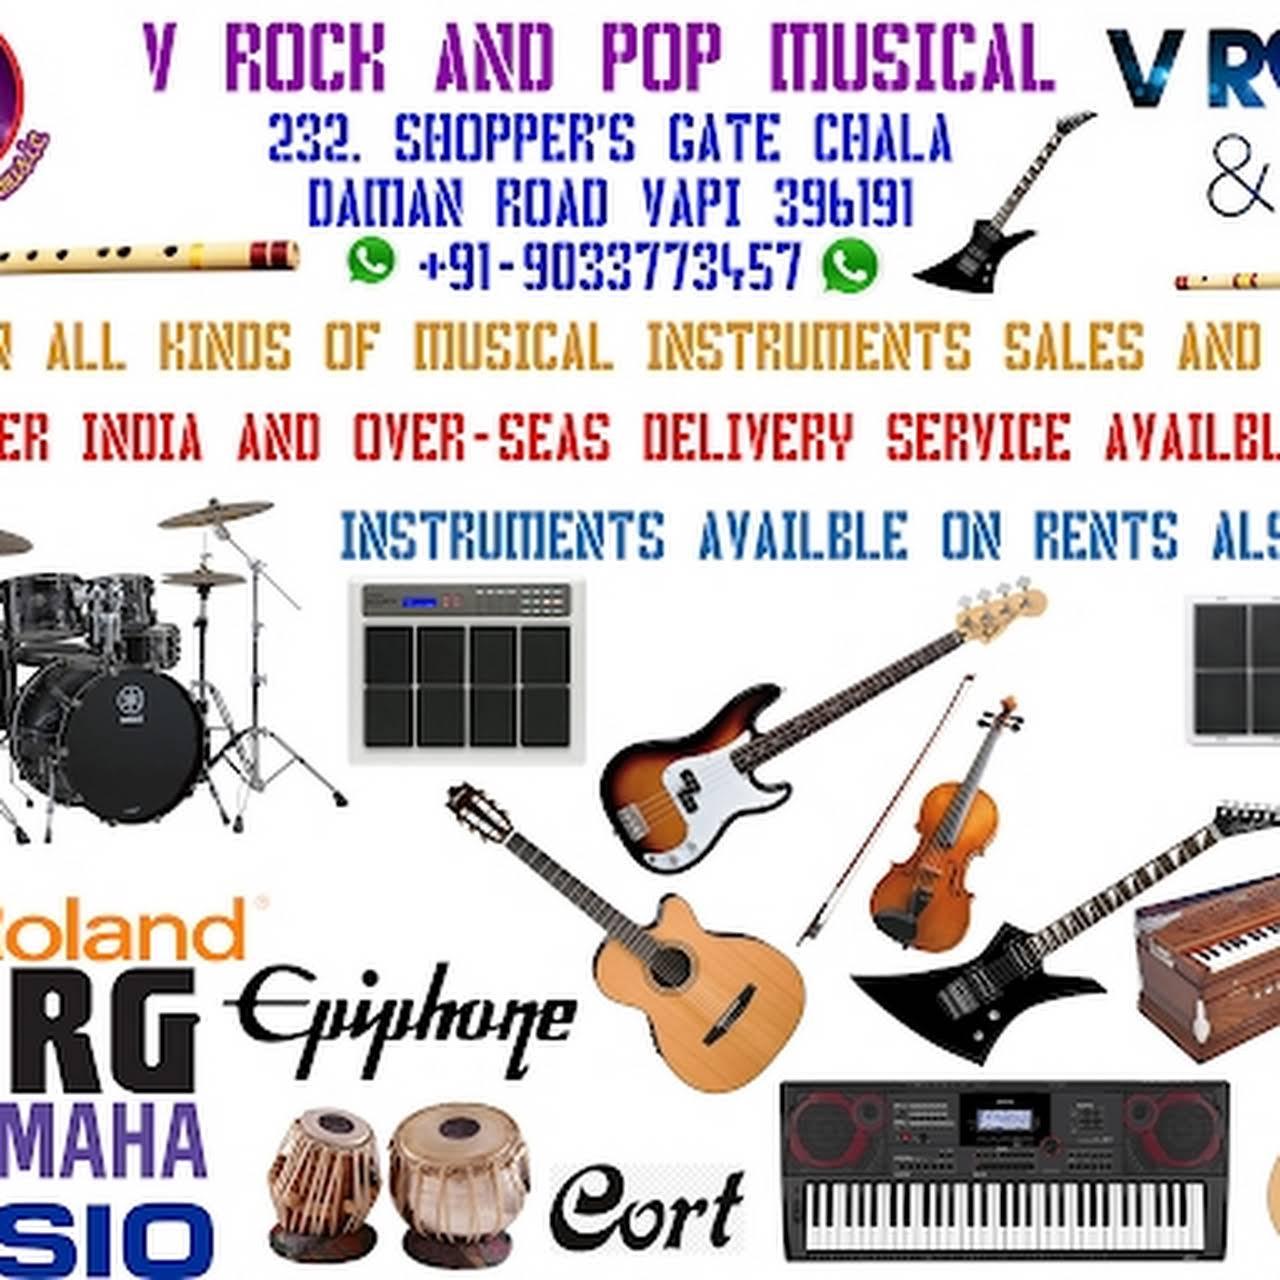 V ROCK AND POP MUSICAL - Musical Instrument Shop in Vapi